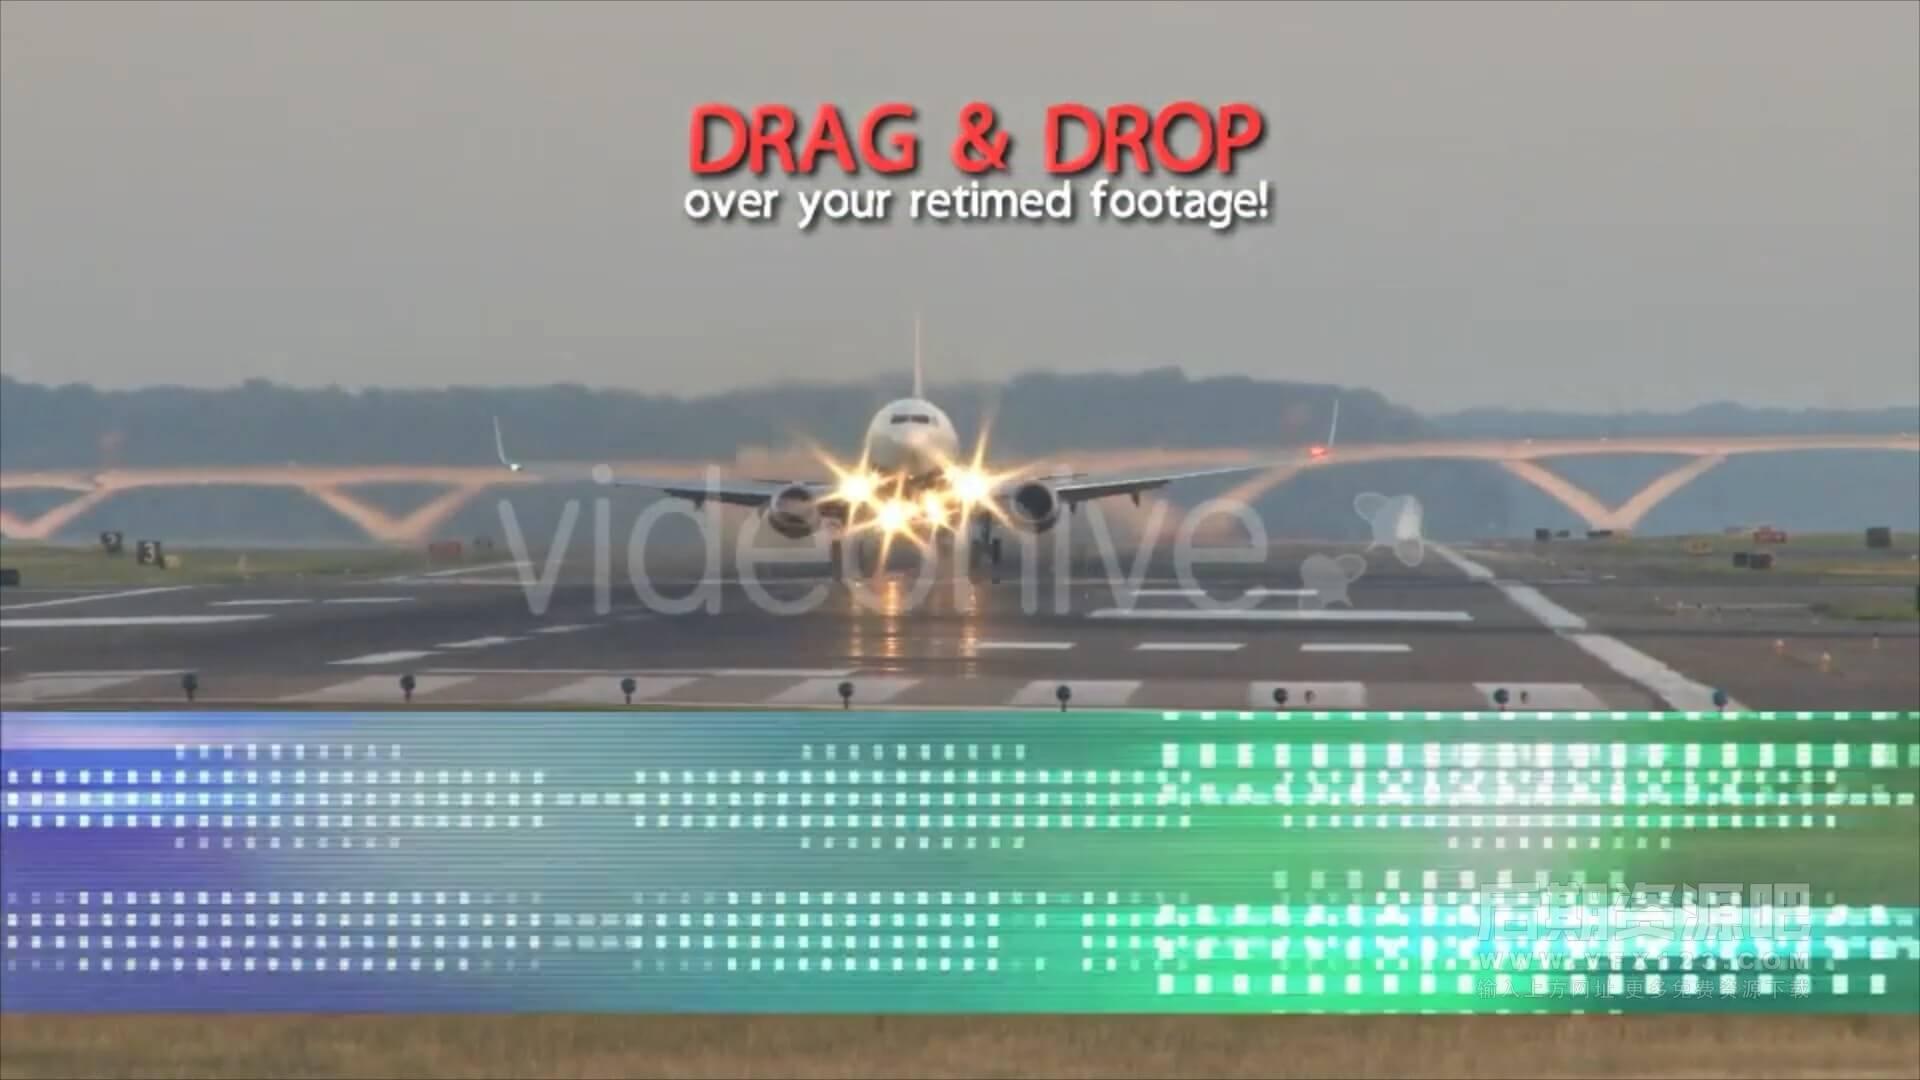 视频素材 为影片添加倒带回放快进画面特效附音效 Rewind FX